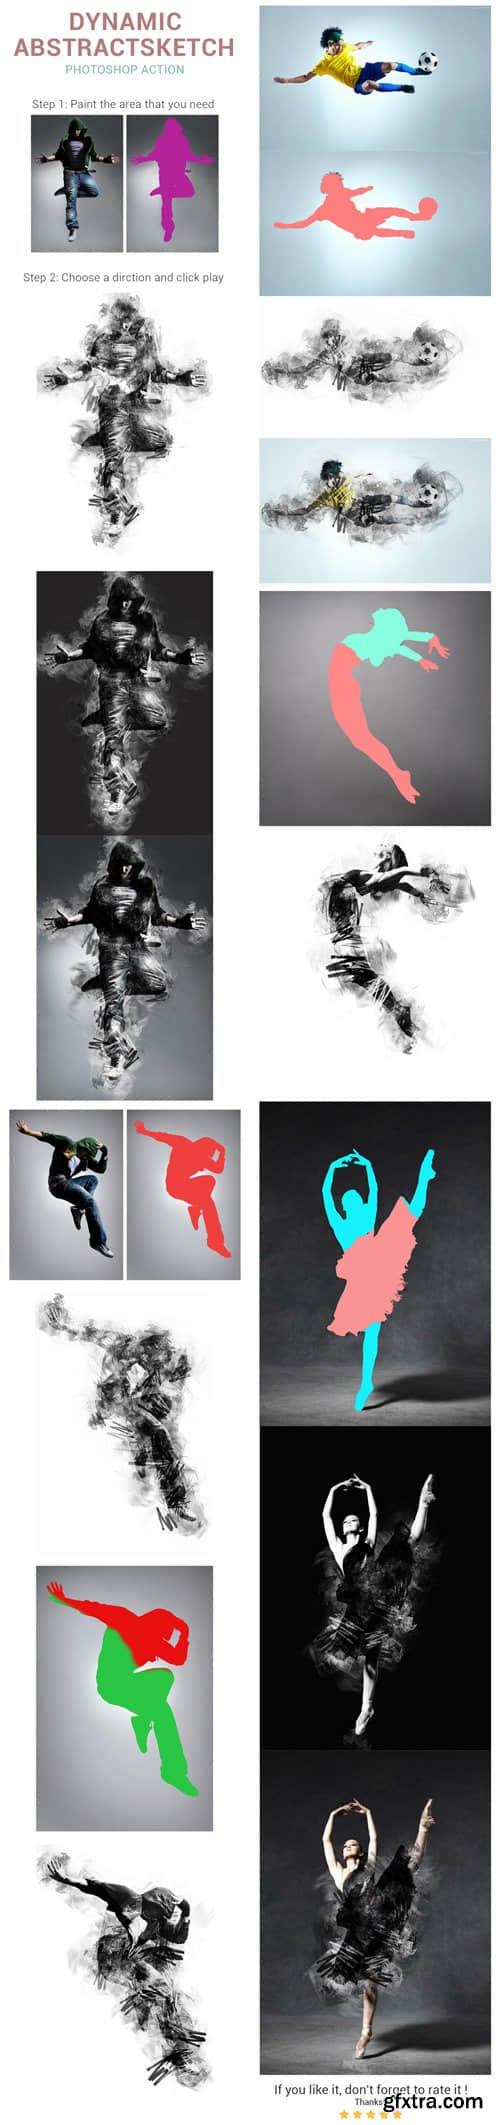 创意抽象人物剪影效果Photoshop笔刷素材(含atnPS动作文件)